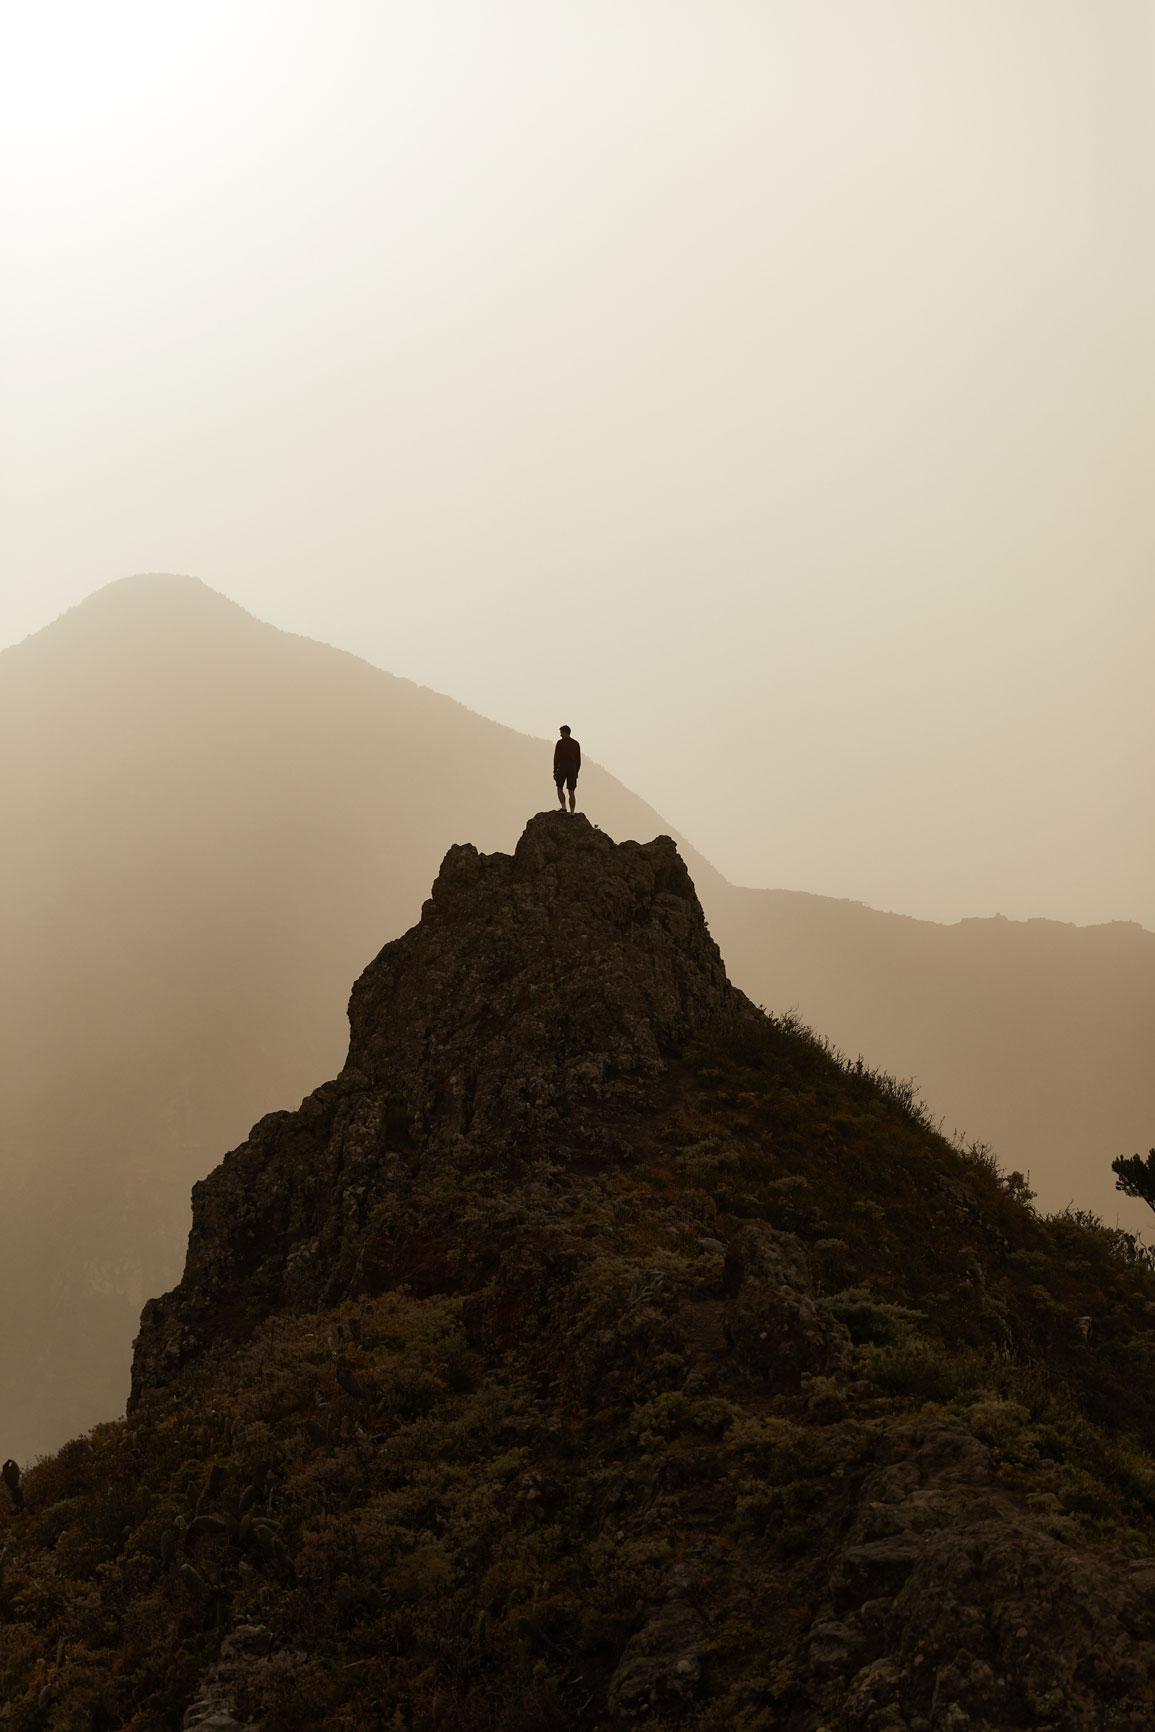 photographe outdoor en randonnée dans les montagnes de tenerife